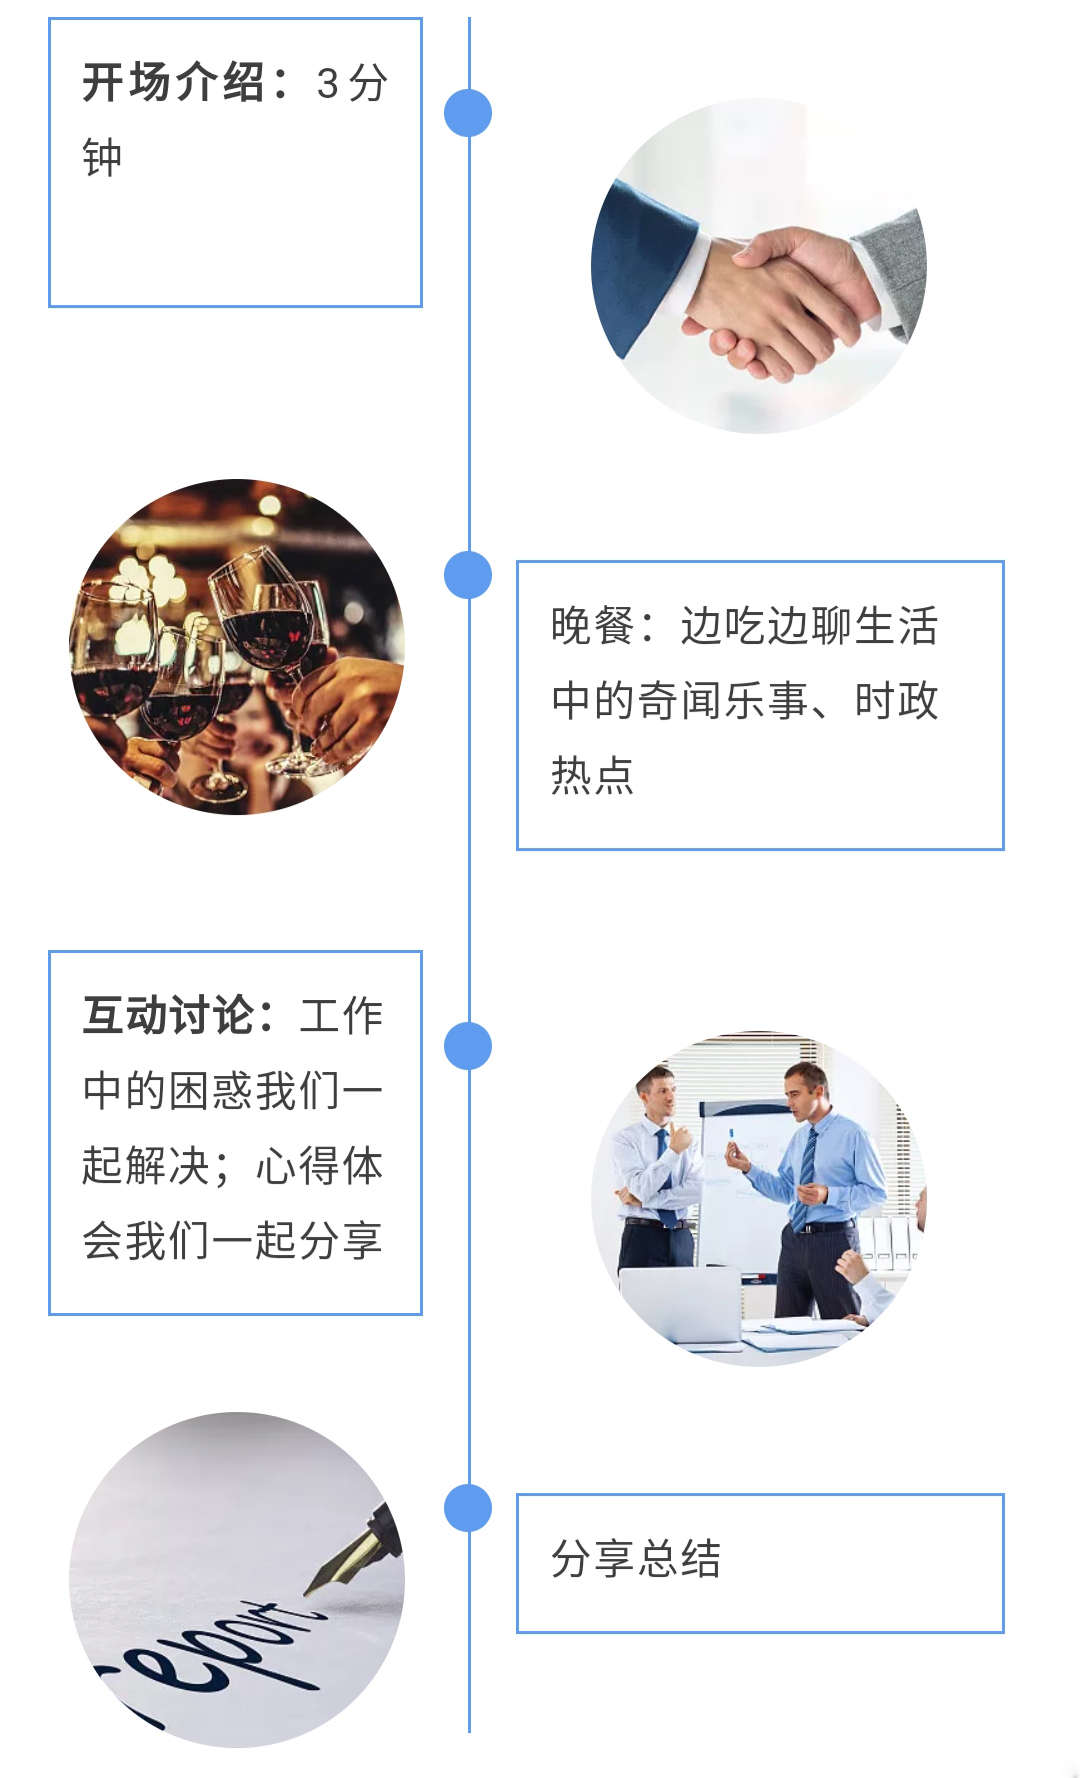 老彭饭局流程图.jpg